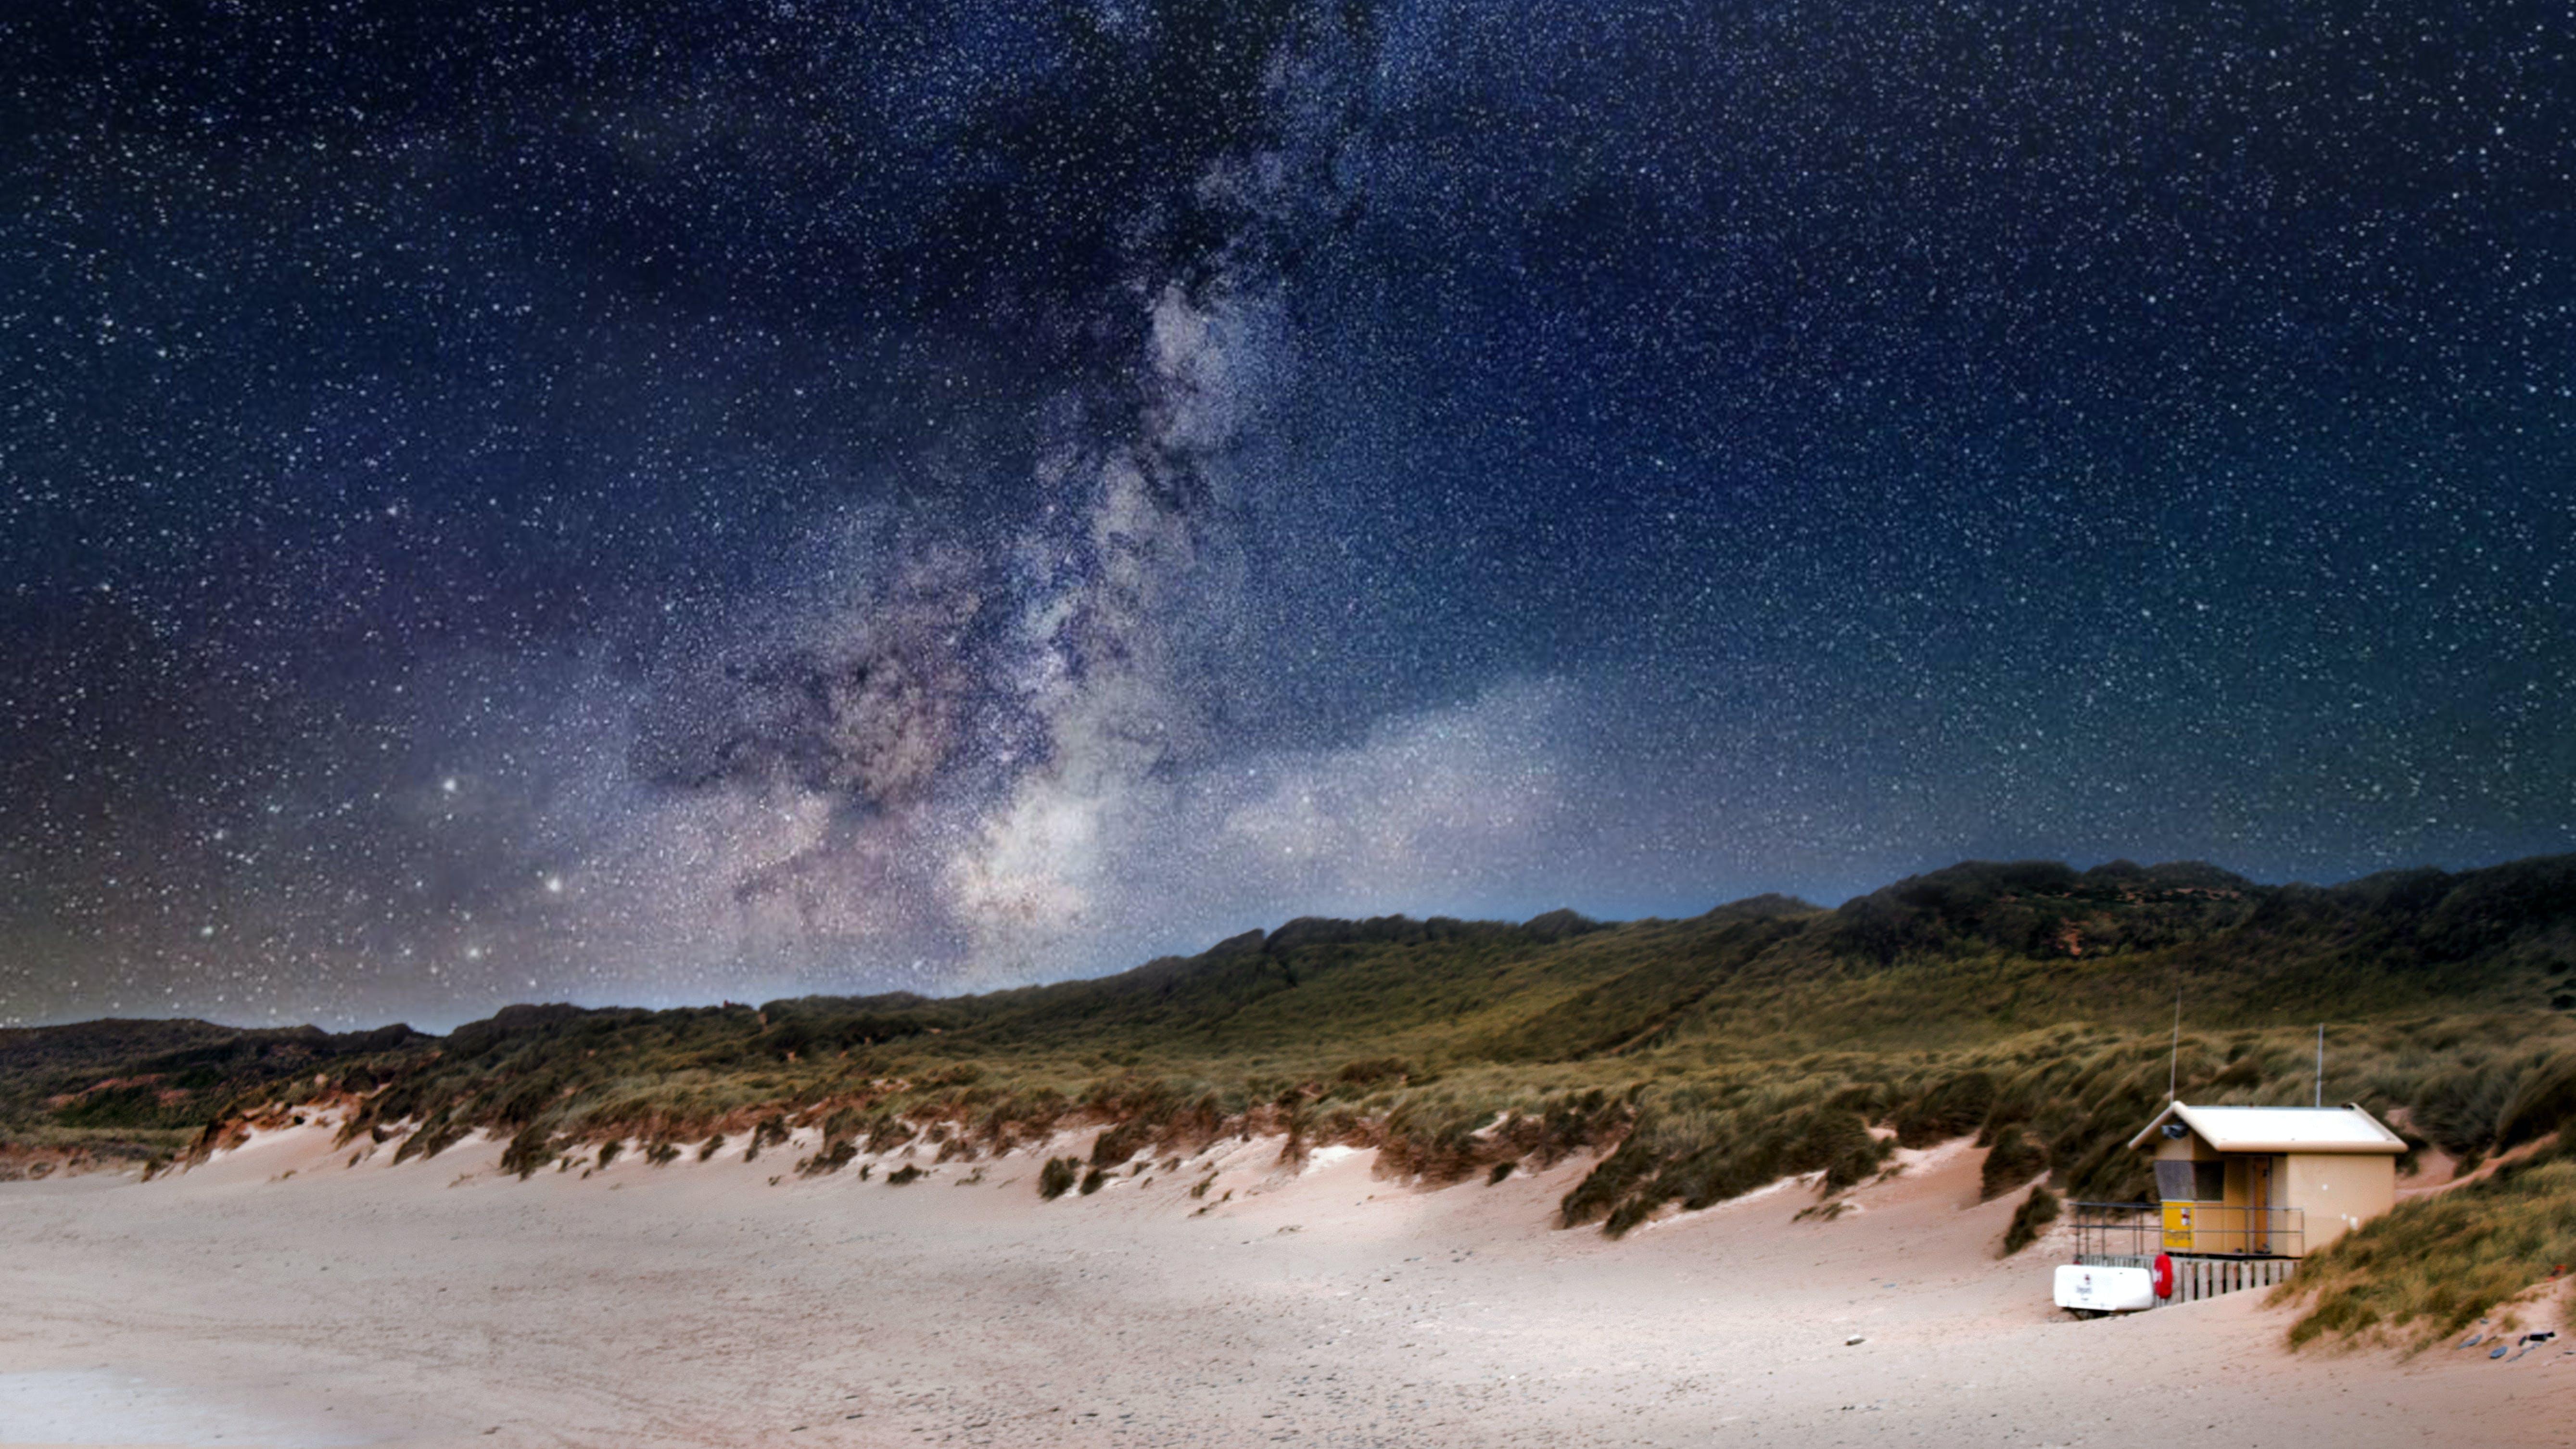 경치, 경치가 좋은, 모래, 바다의 무료 스톡 사진